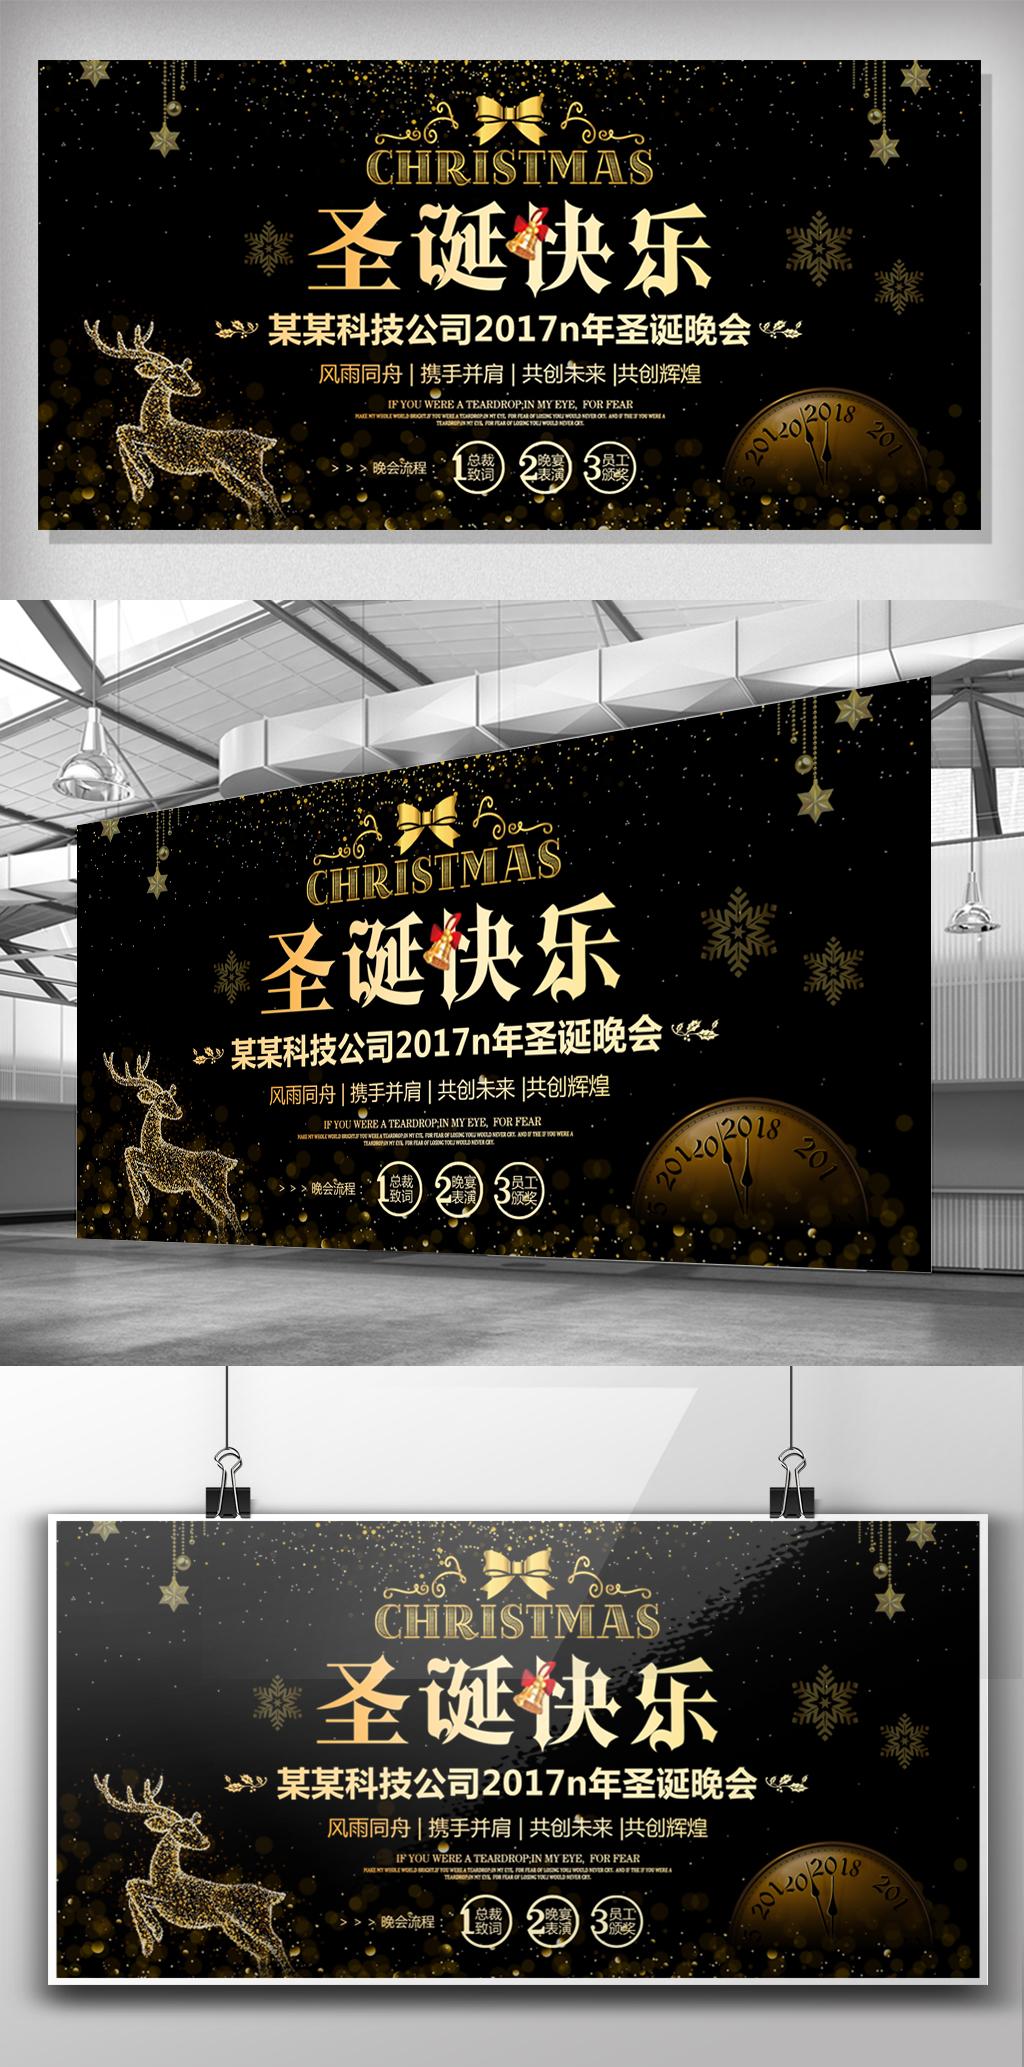 色金色大气企业圣诞节晚会展板图片设计素材 高清PSD模板下载 12.